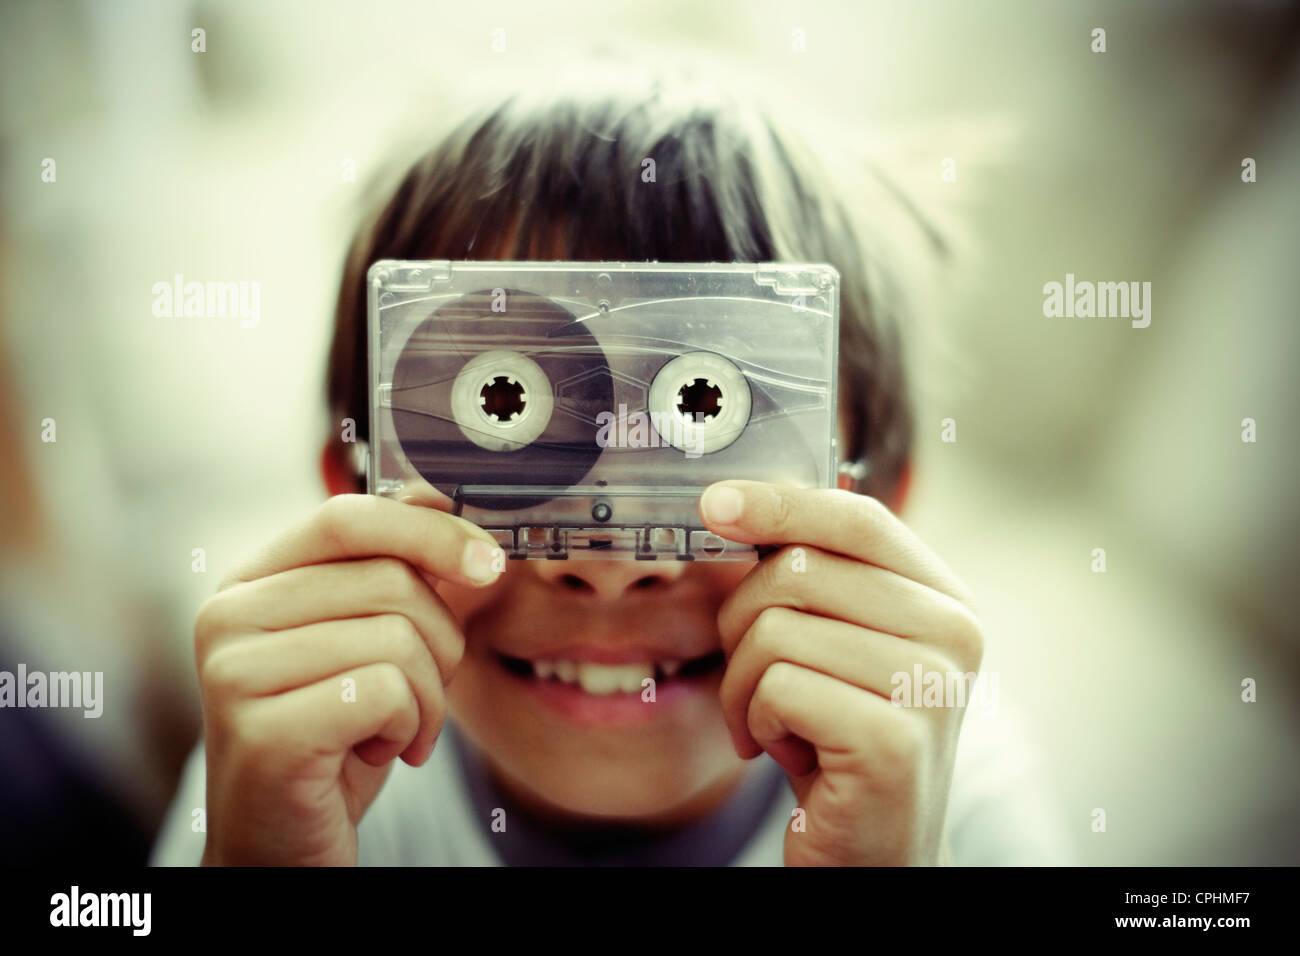 Junge hält alte Kassette Klebeband. Stockbild